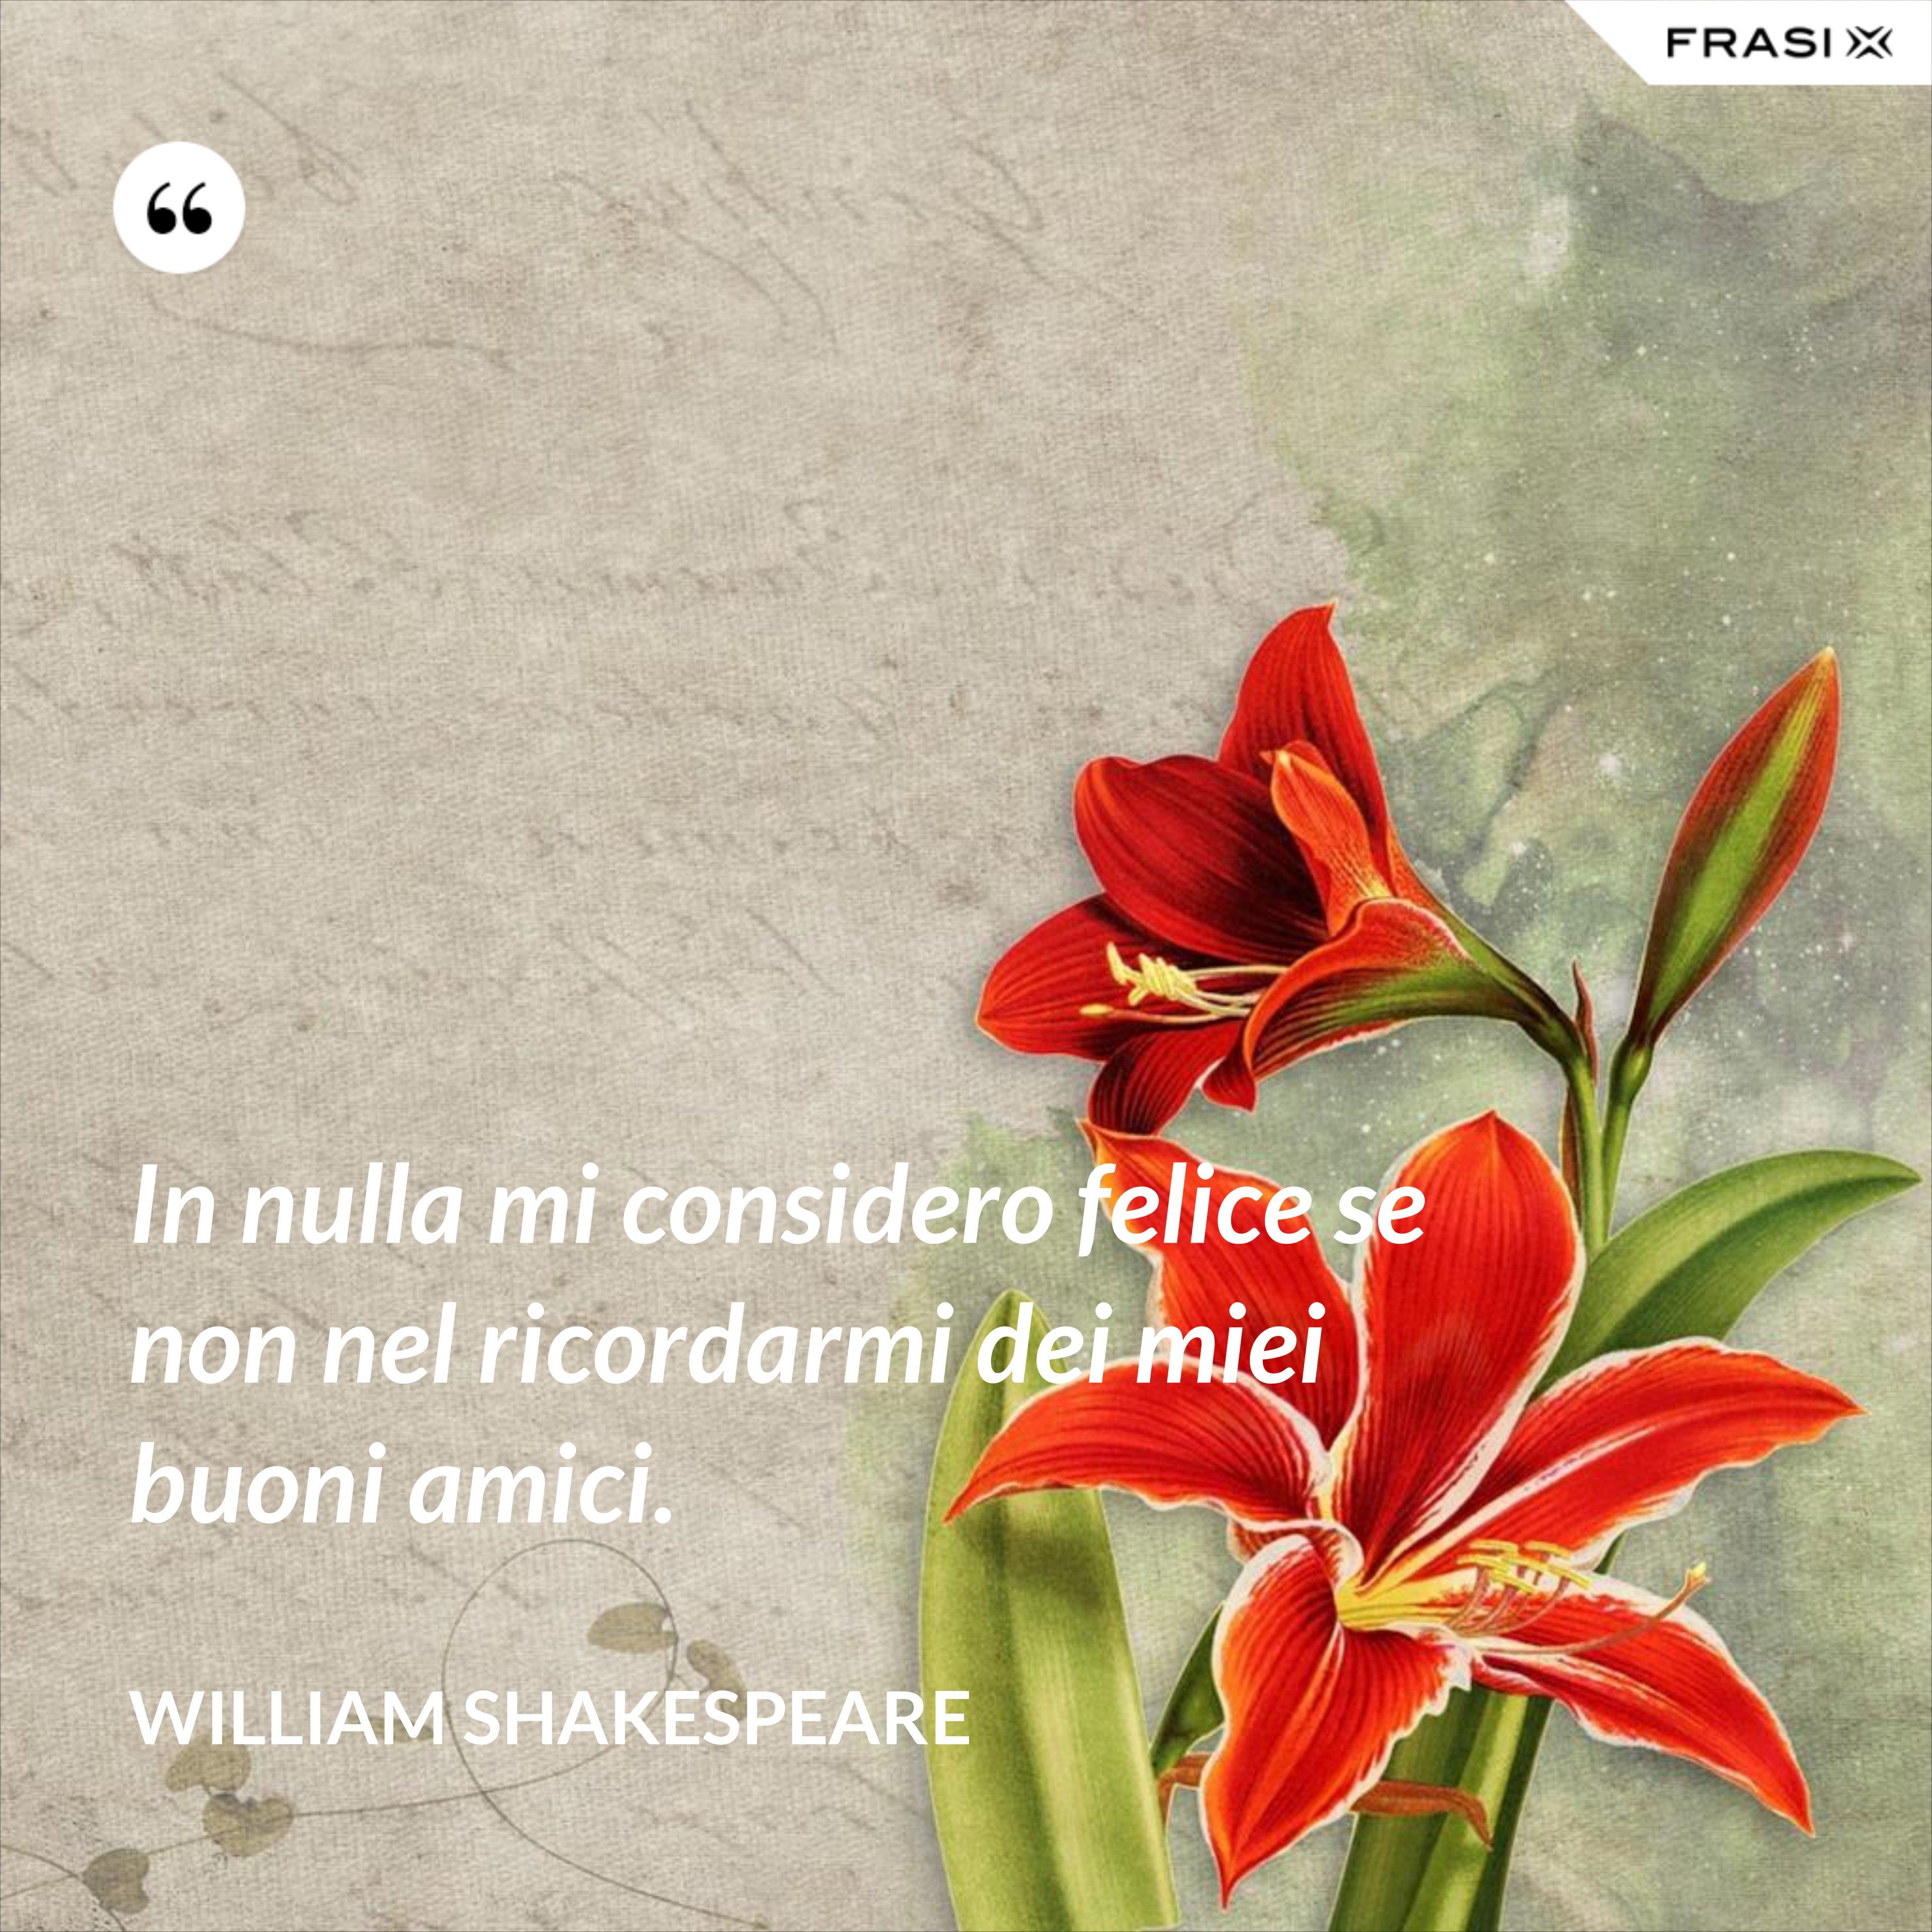 In nulla mi considero felice se non nel ricordarmi dei miei buoni amici. - William Shakespeare